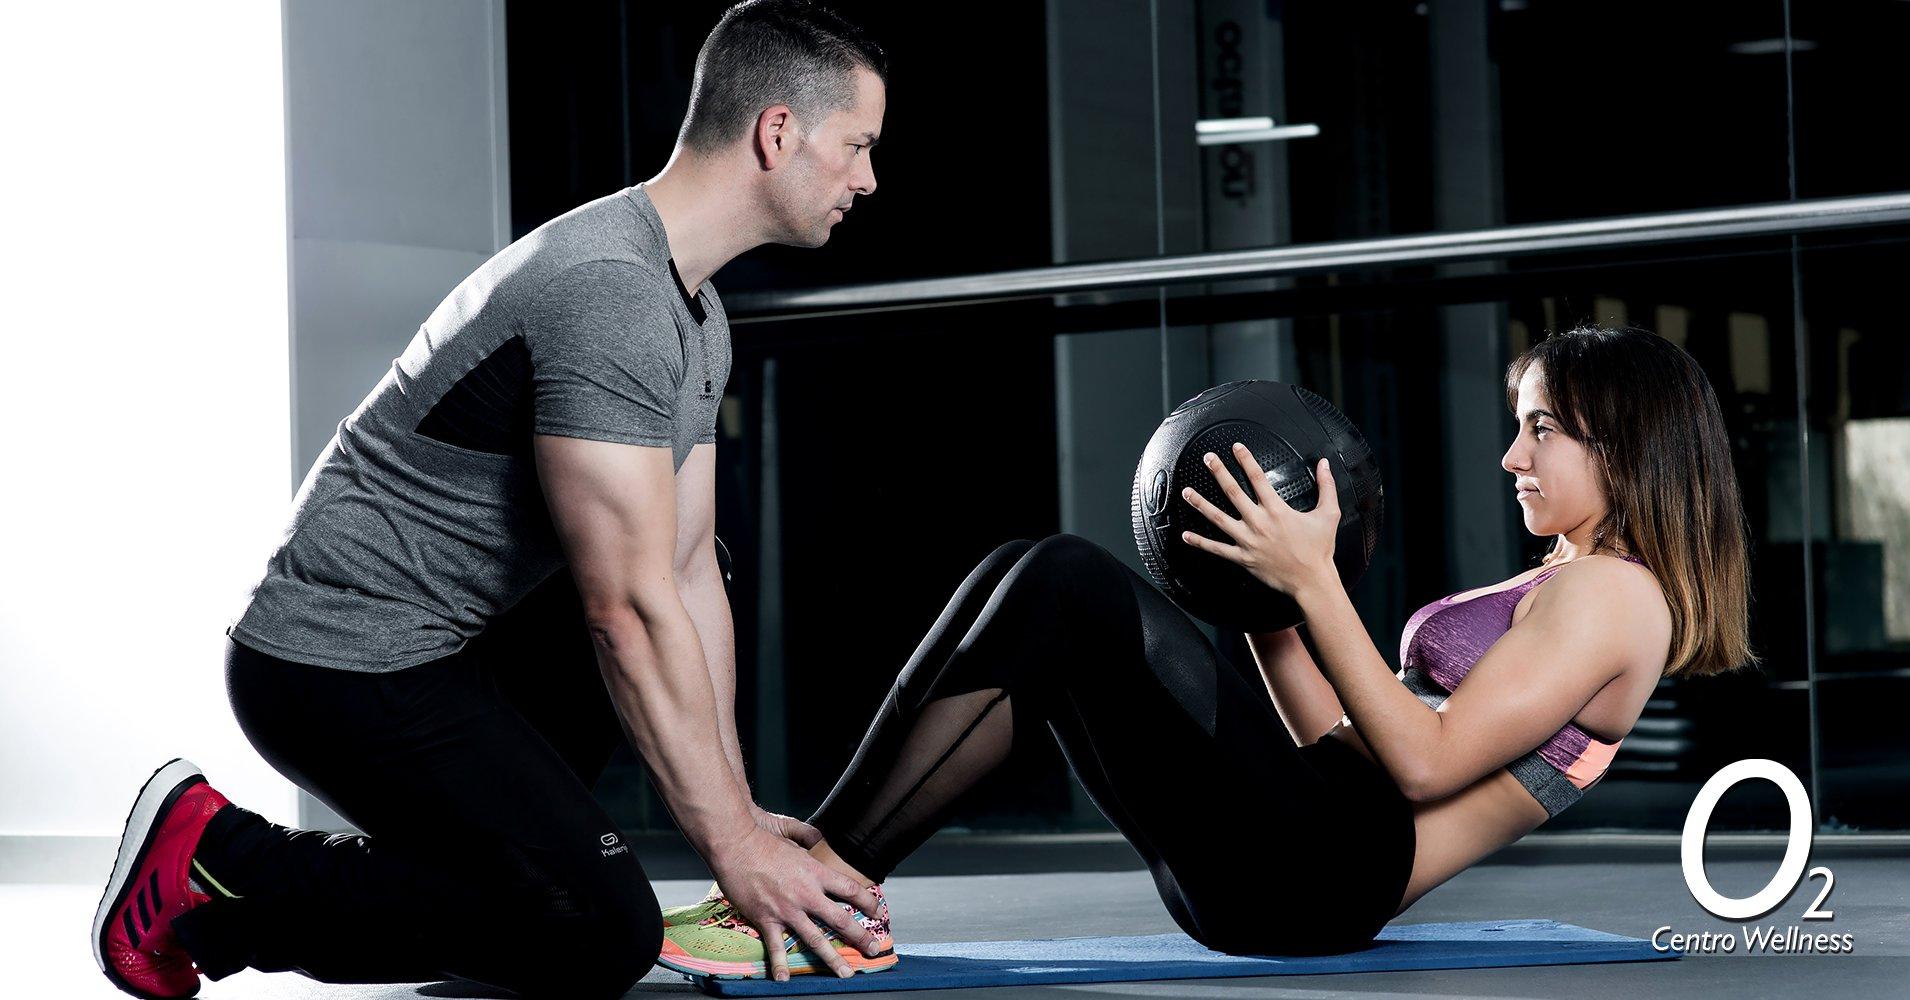 Actívate y quema calorías para mantenerte en forma